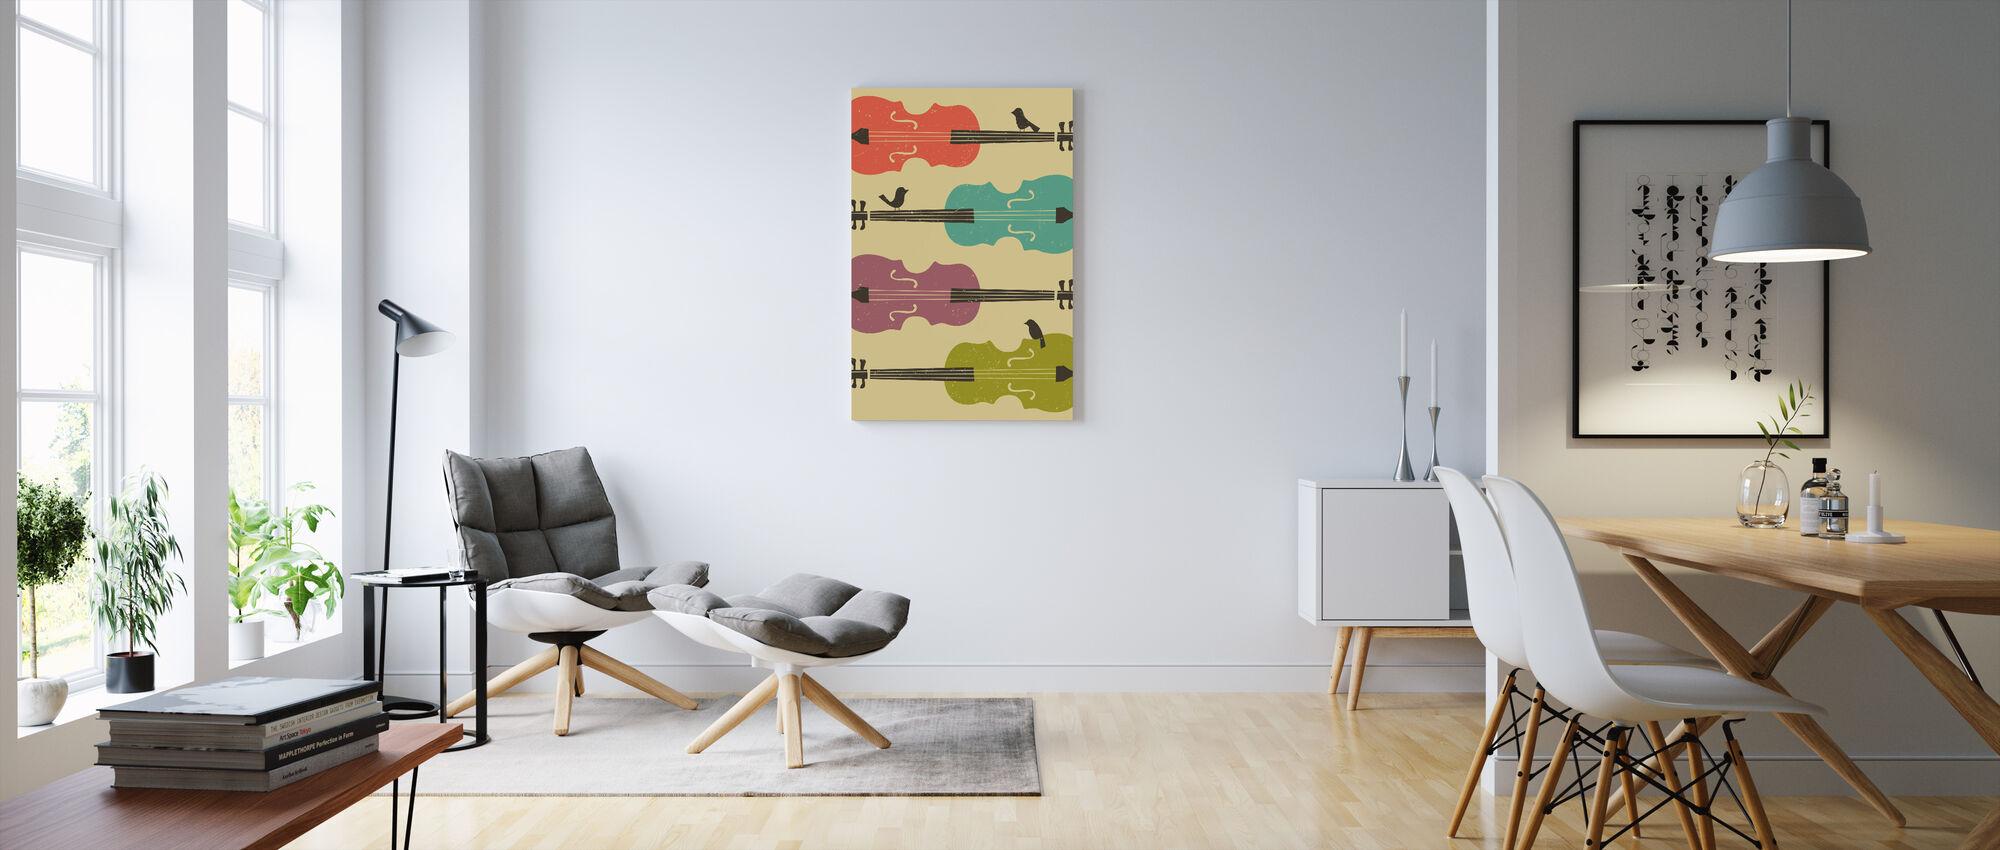 Birds on a Cello String - Canvas print - Living Room